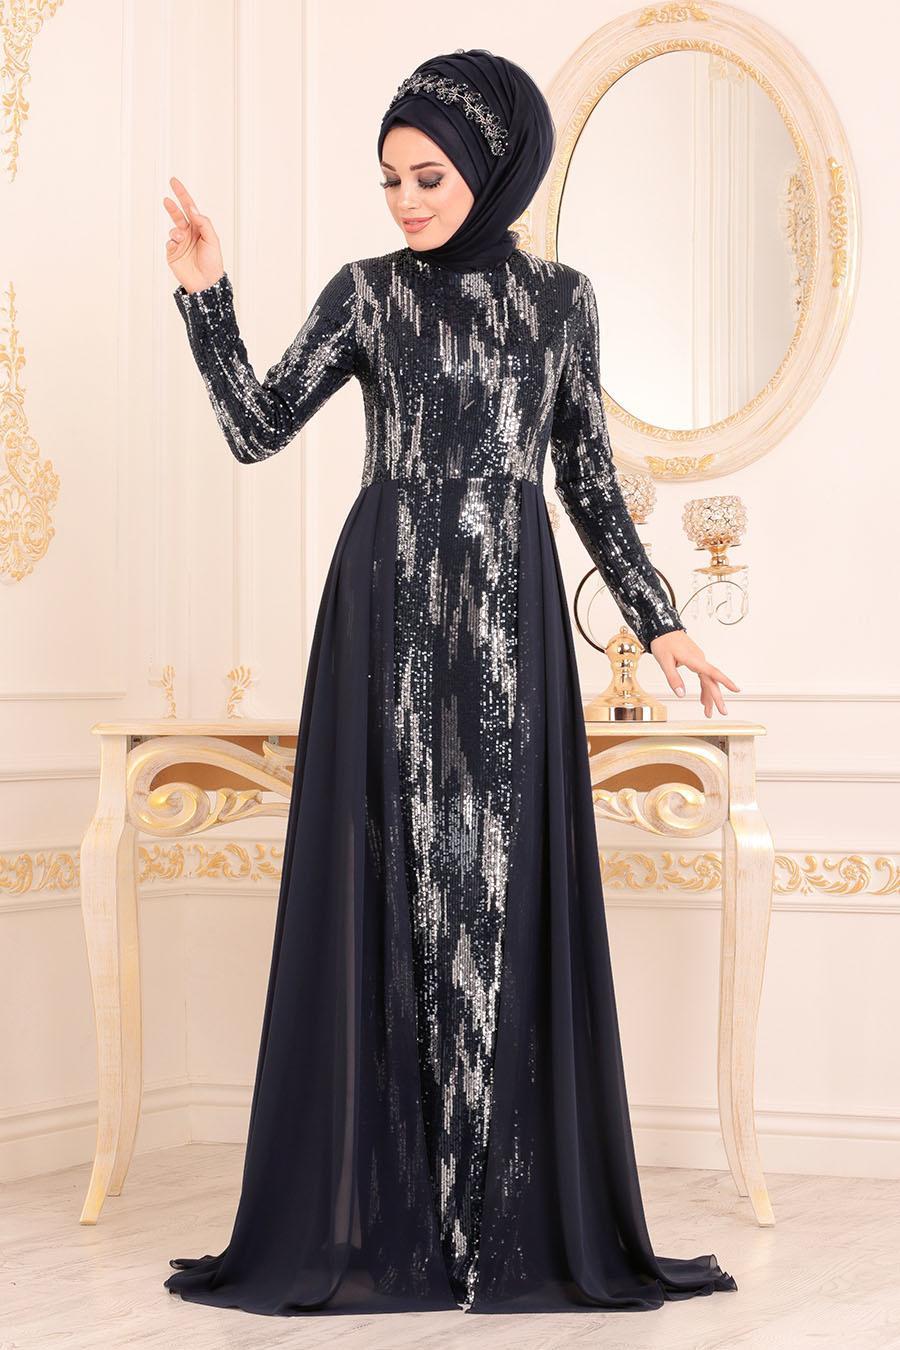 Nayla Collection - Pul Payetli Lacivert Tesettür Abiye Elbise 25740L